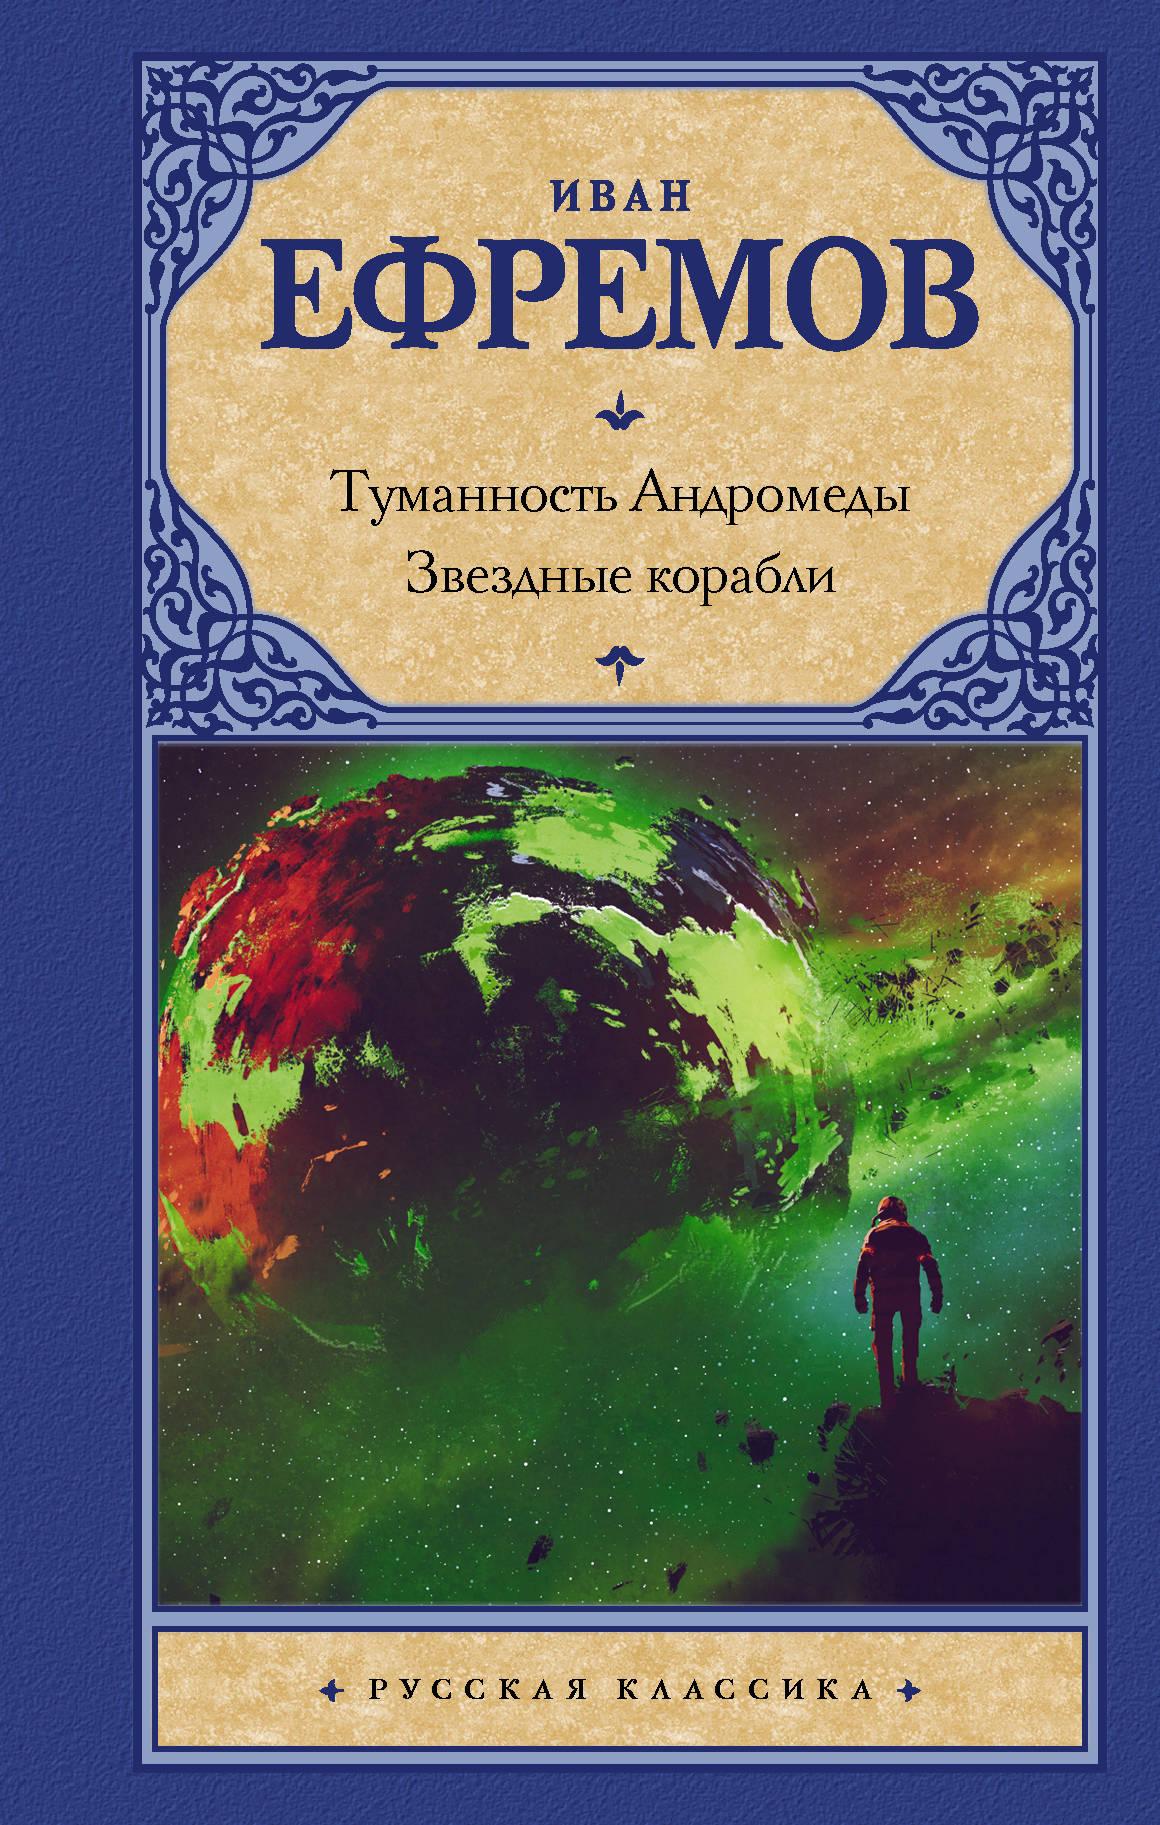 цена на Иван Антонович Ефремов Туманность Андромеды. Звездные корабли